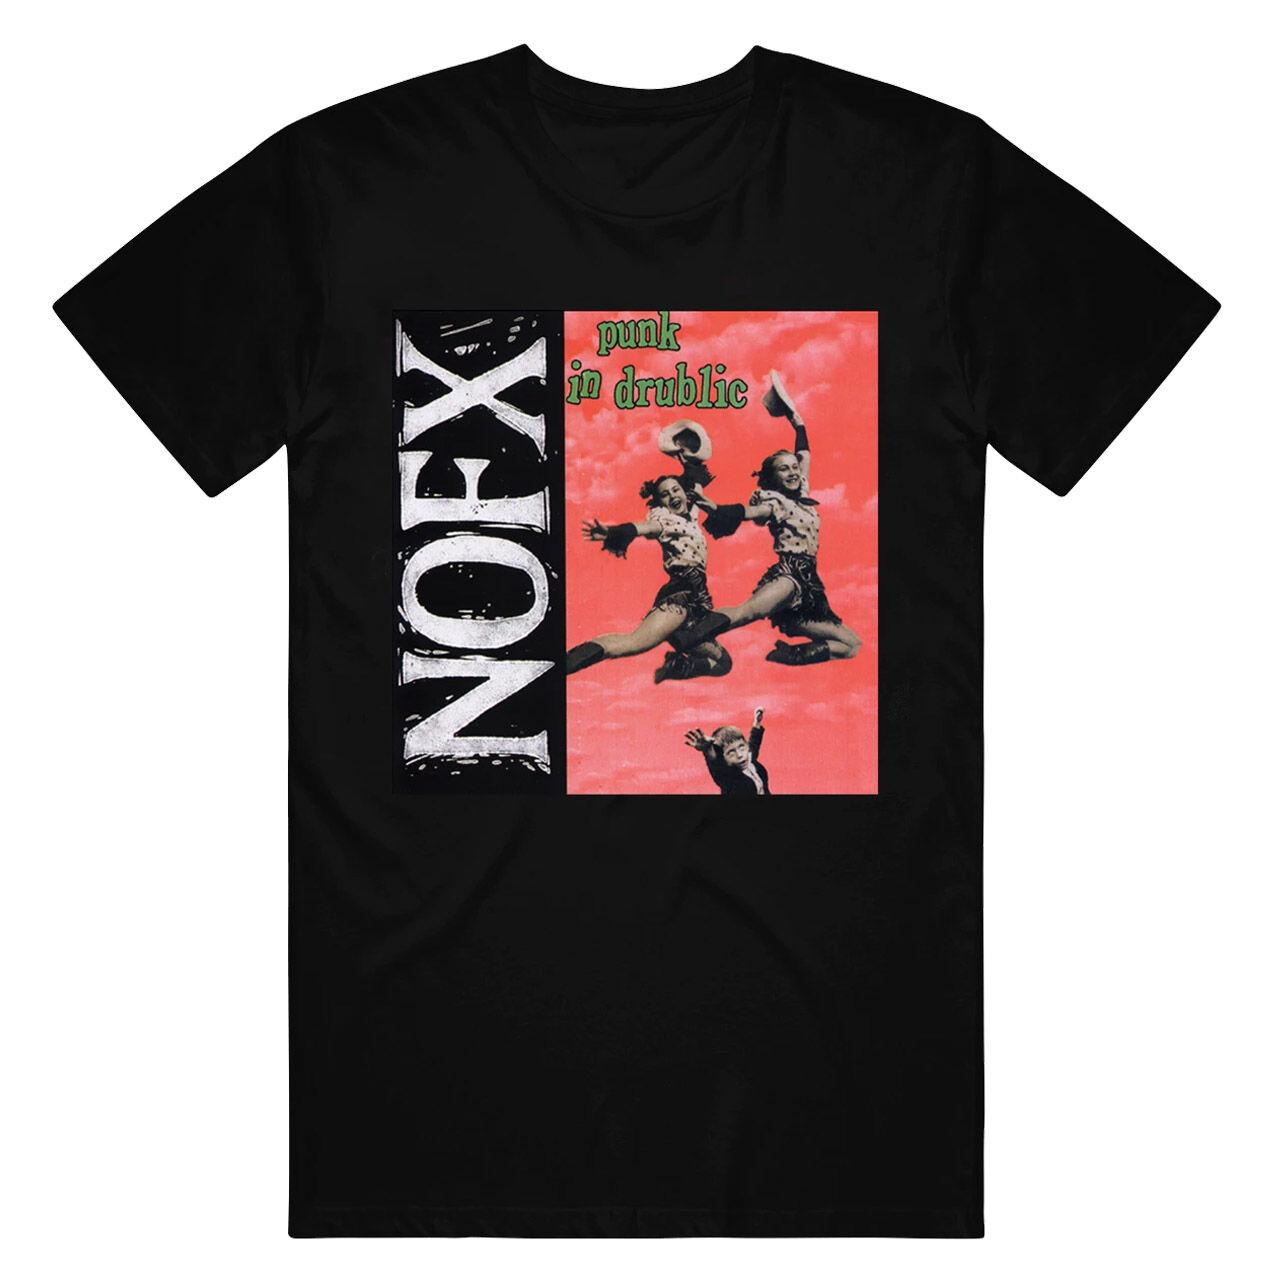 NO FX Punk In Drublic Black Tshirt